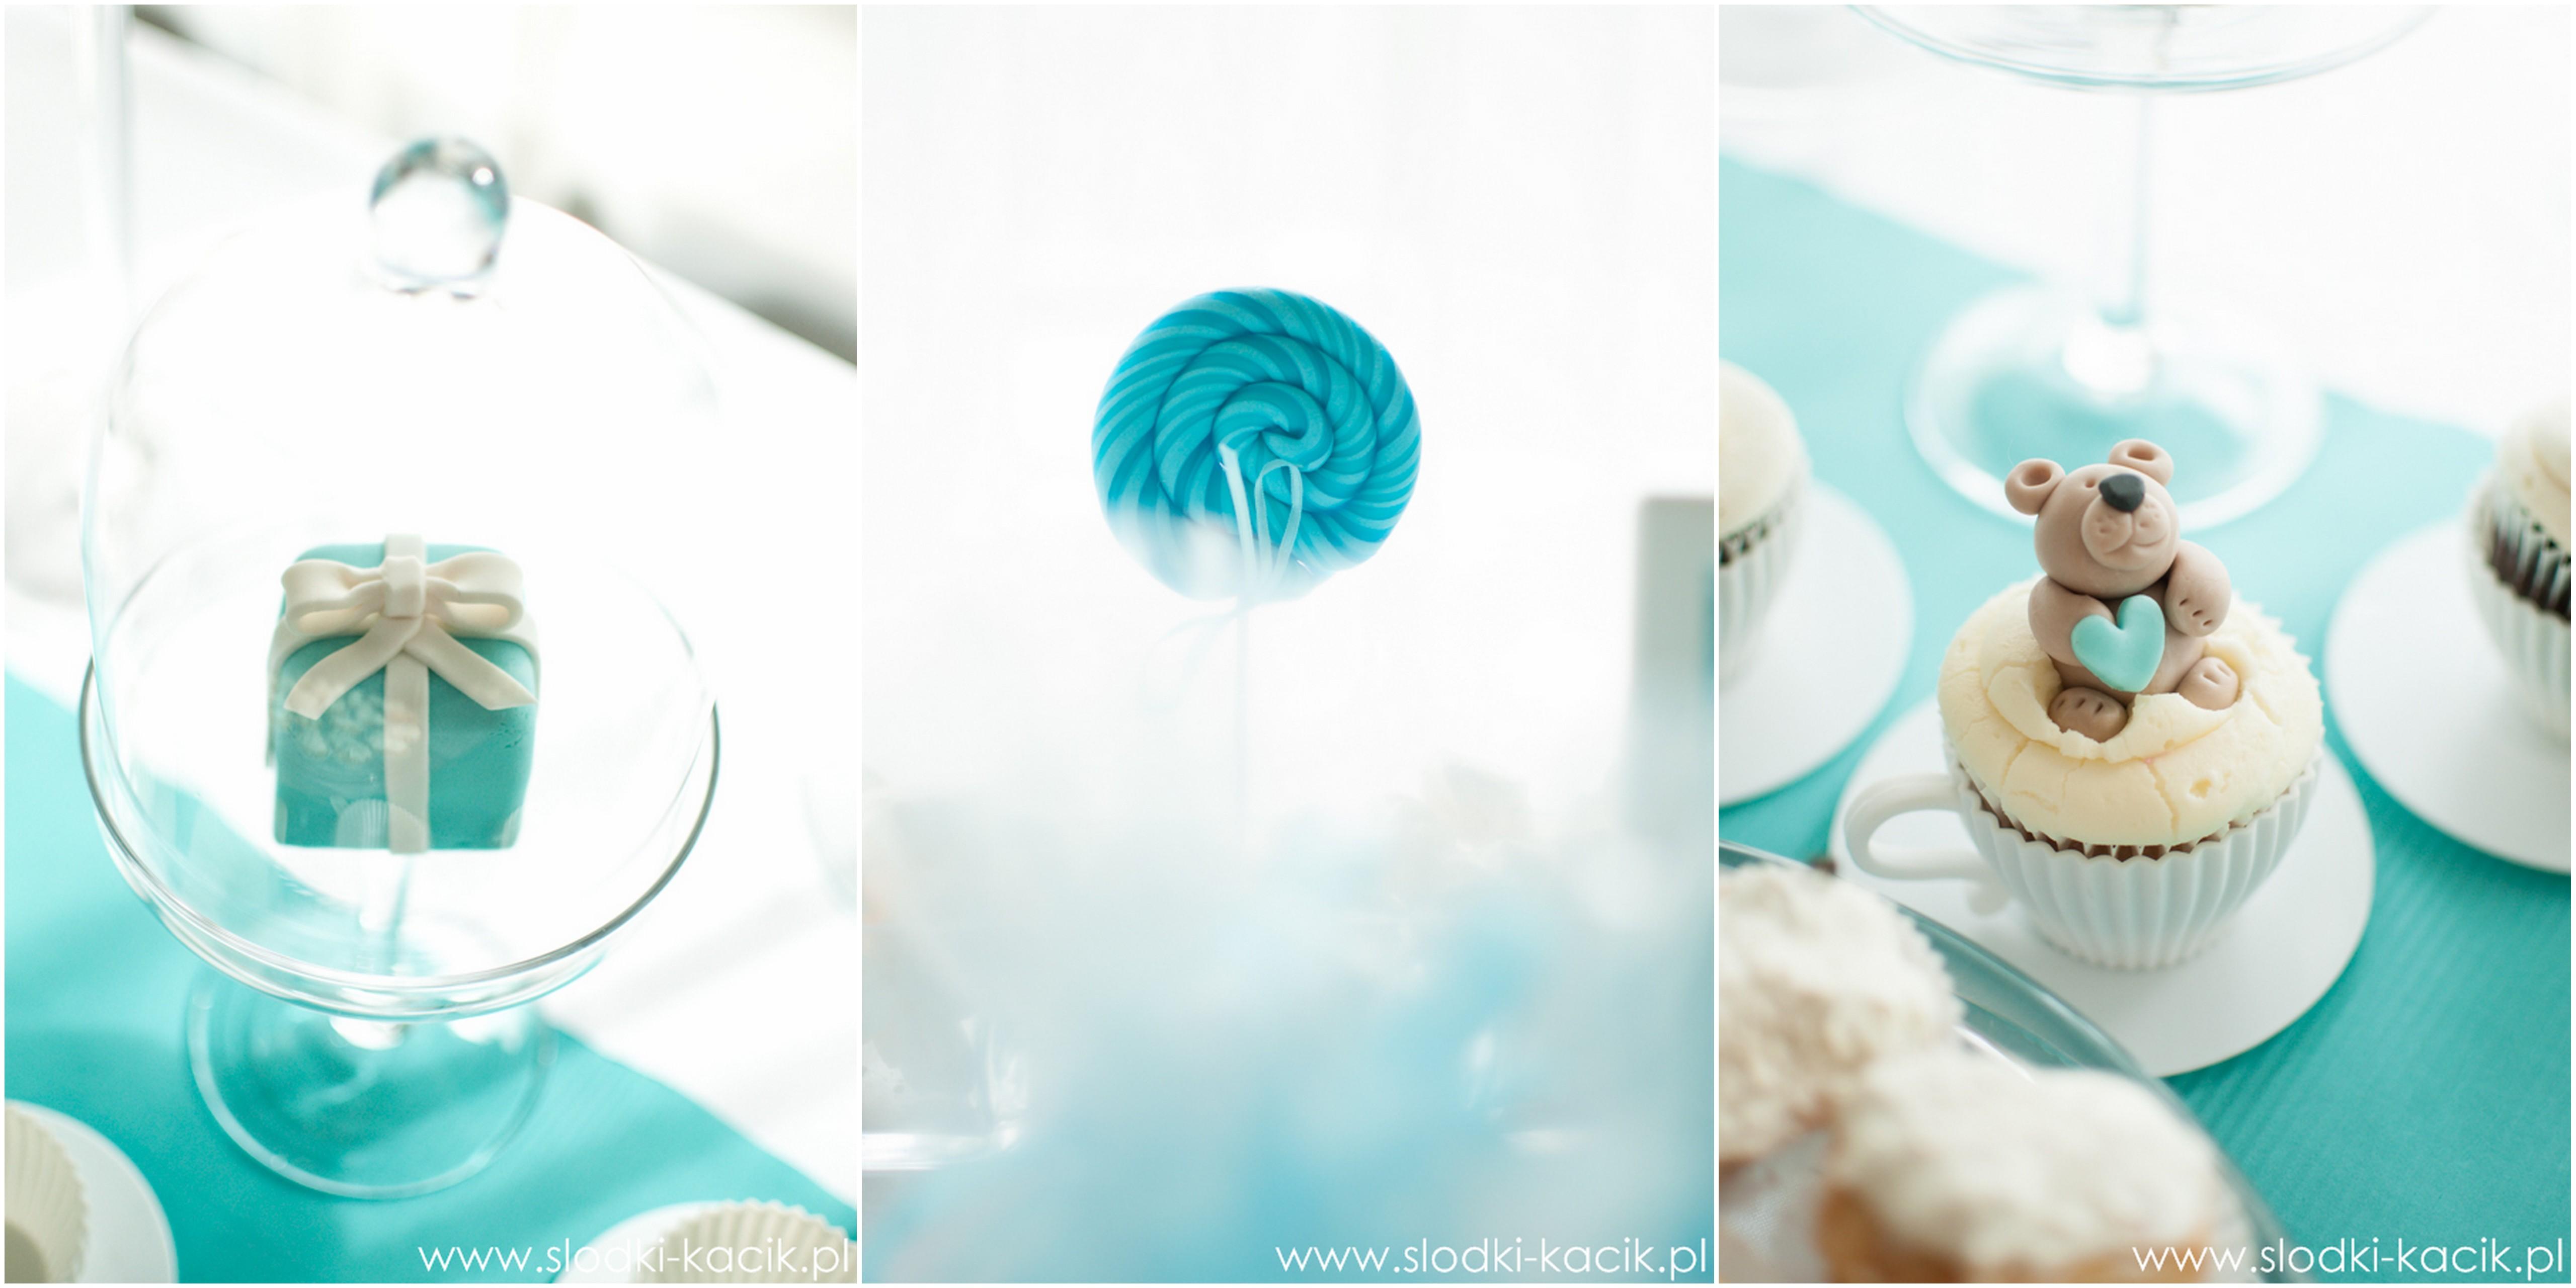 Słodki Kącik tiffany blue, słodki stół, słodki bufet, candy bar, tort weselny, ciasto wesele, ślub, pavlova, ciasteczka, słodycze, lizaki, buteleczki, cakepop, cupcake,  popcorn (4)